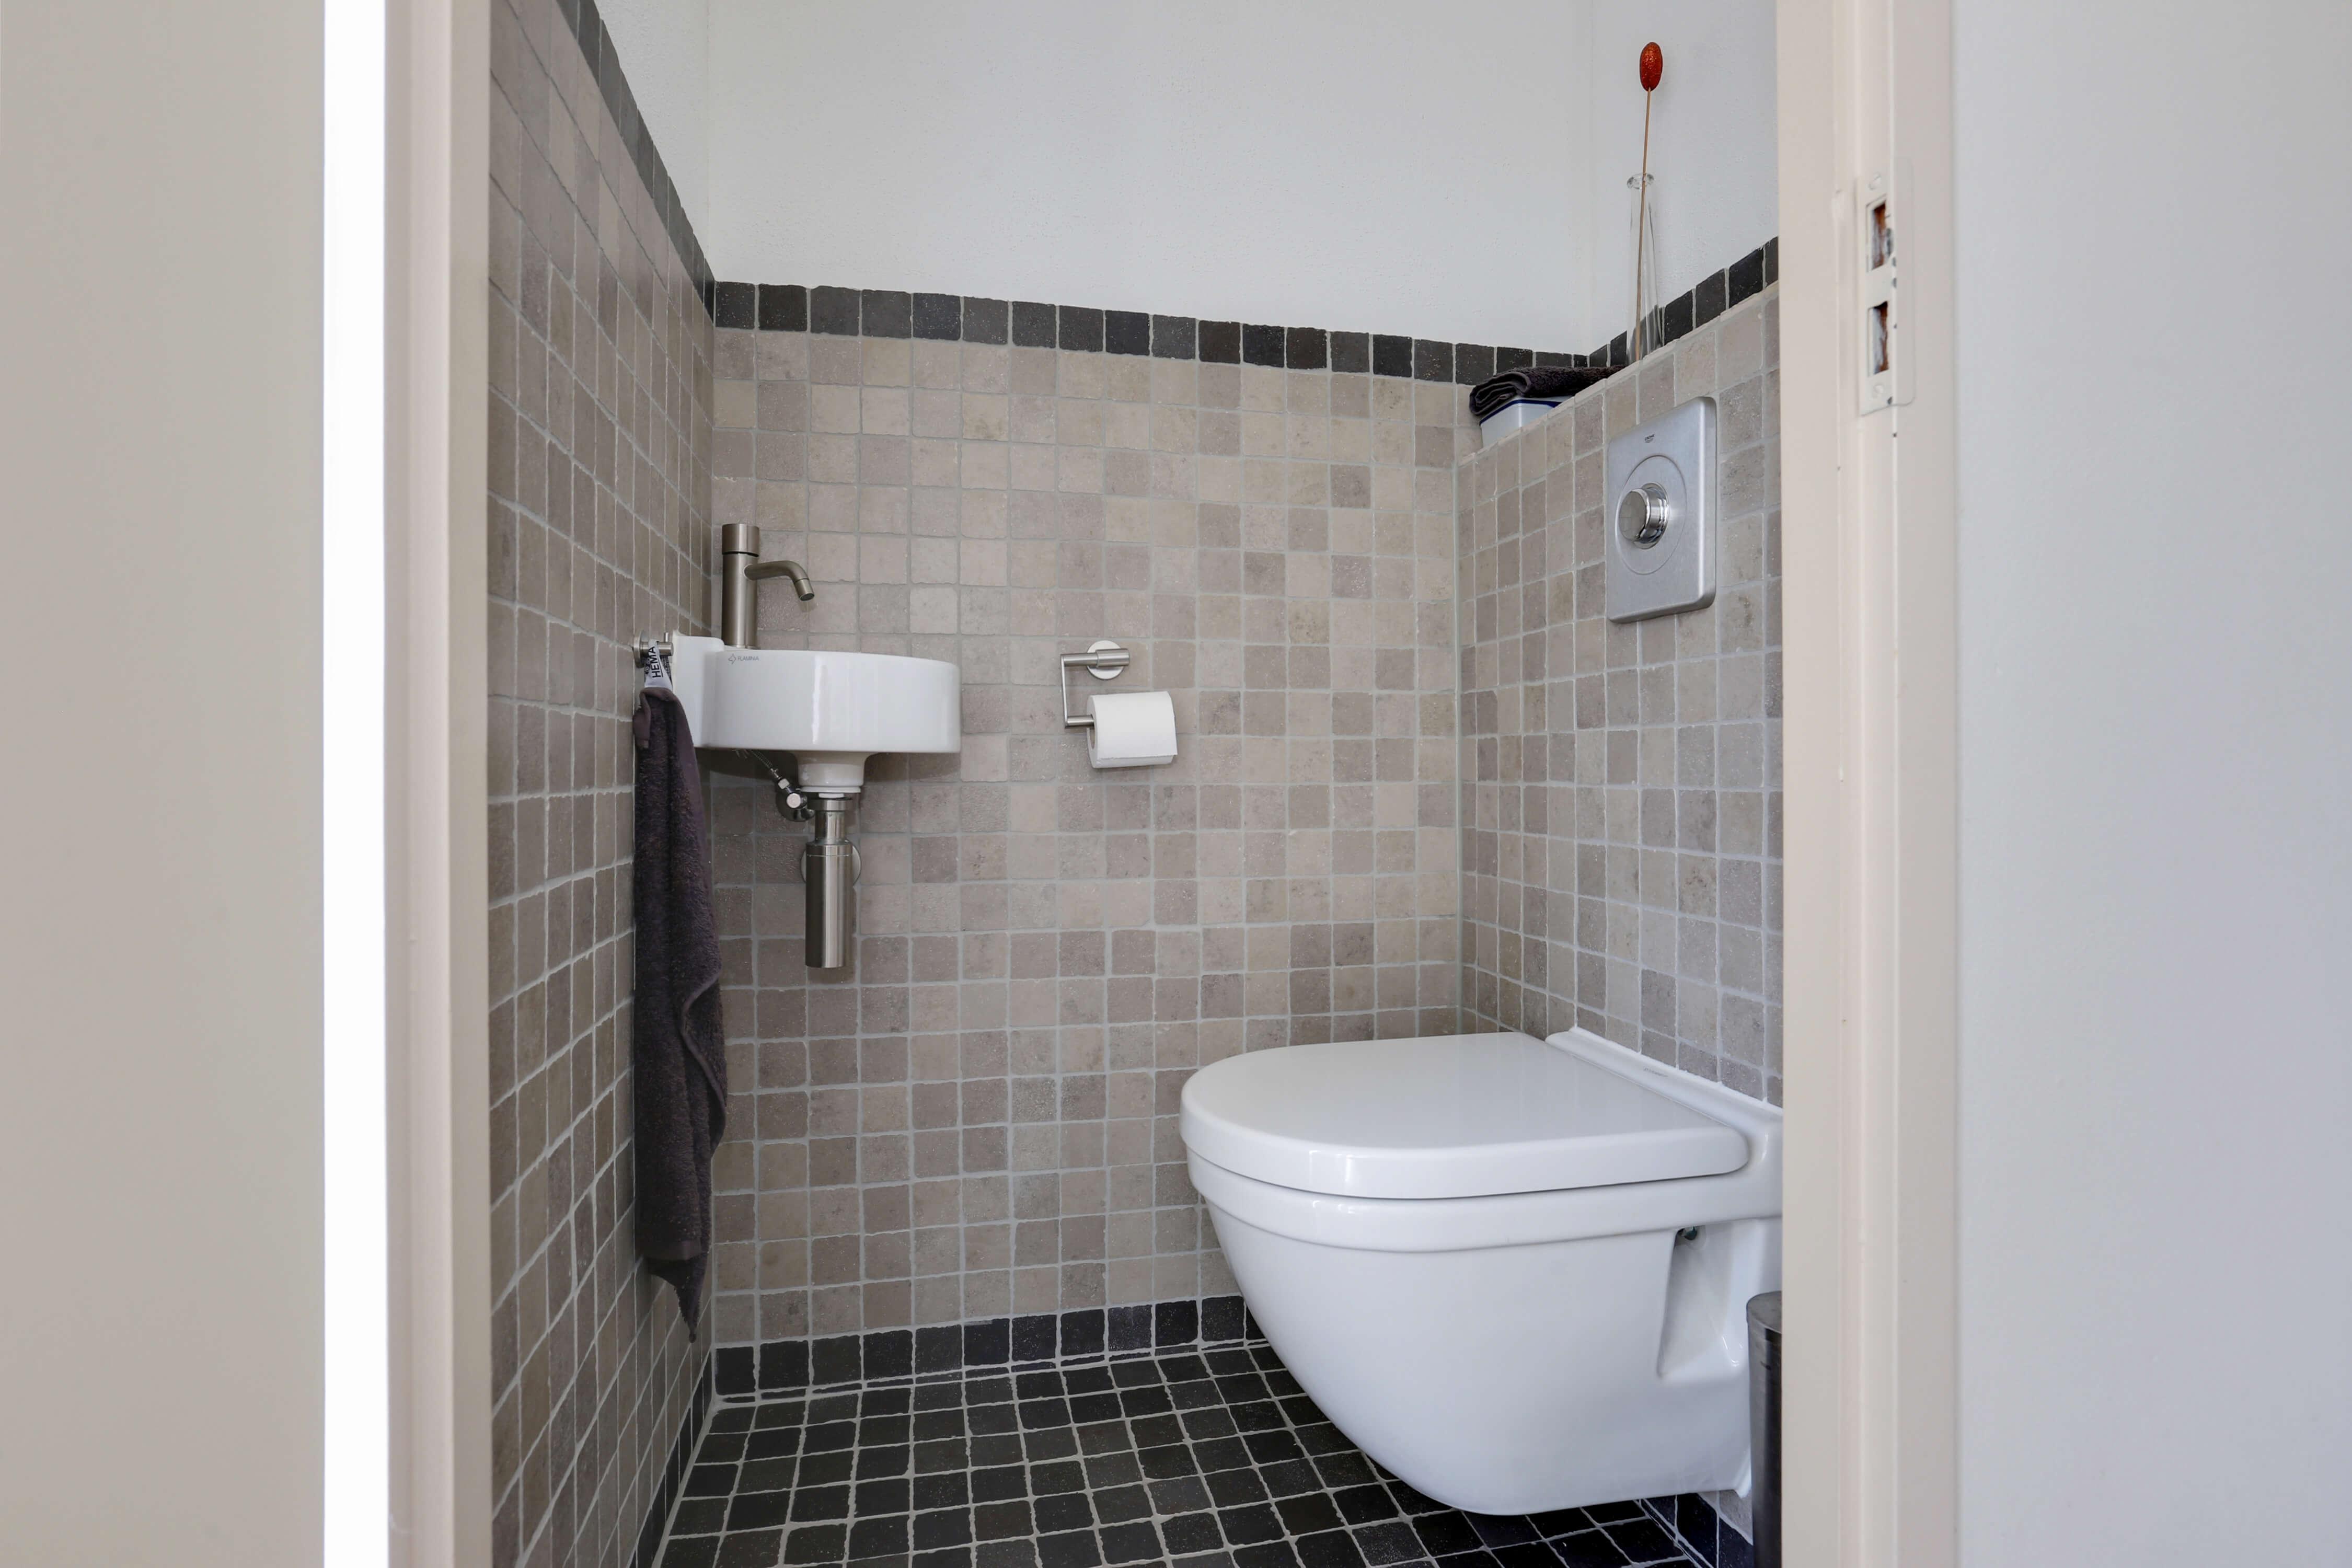 Te koop tussenwoning Shout 76 Hoorn toilet Huisinzicht